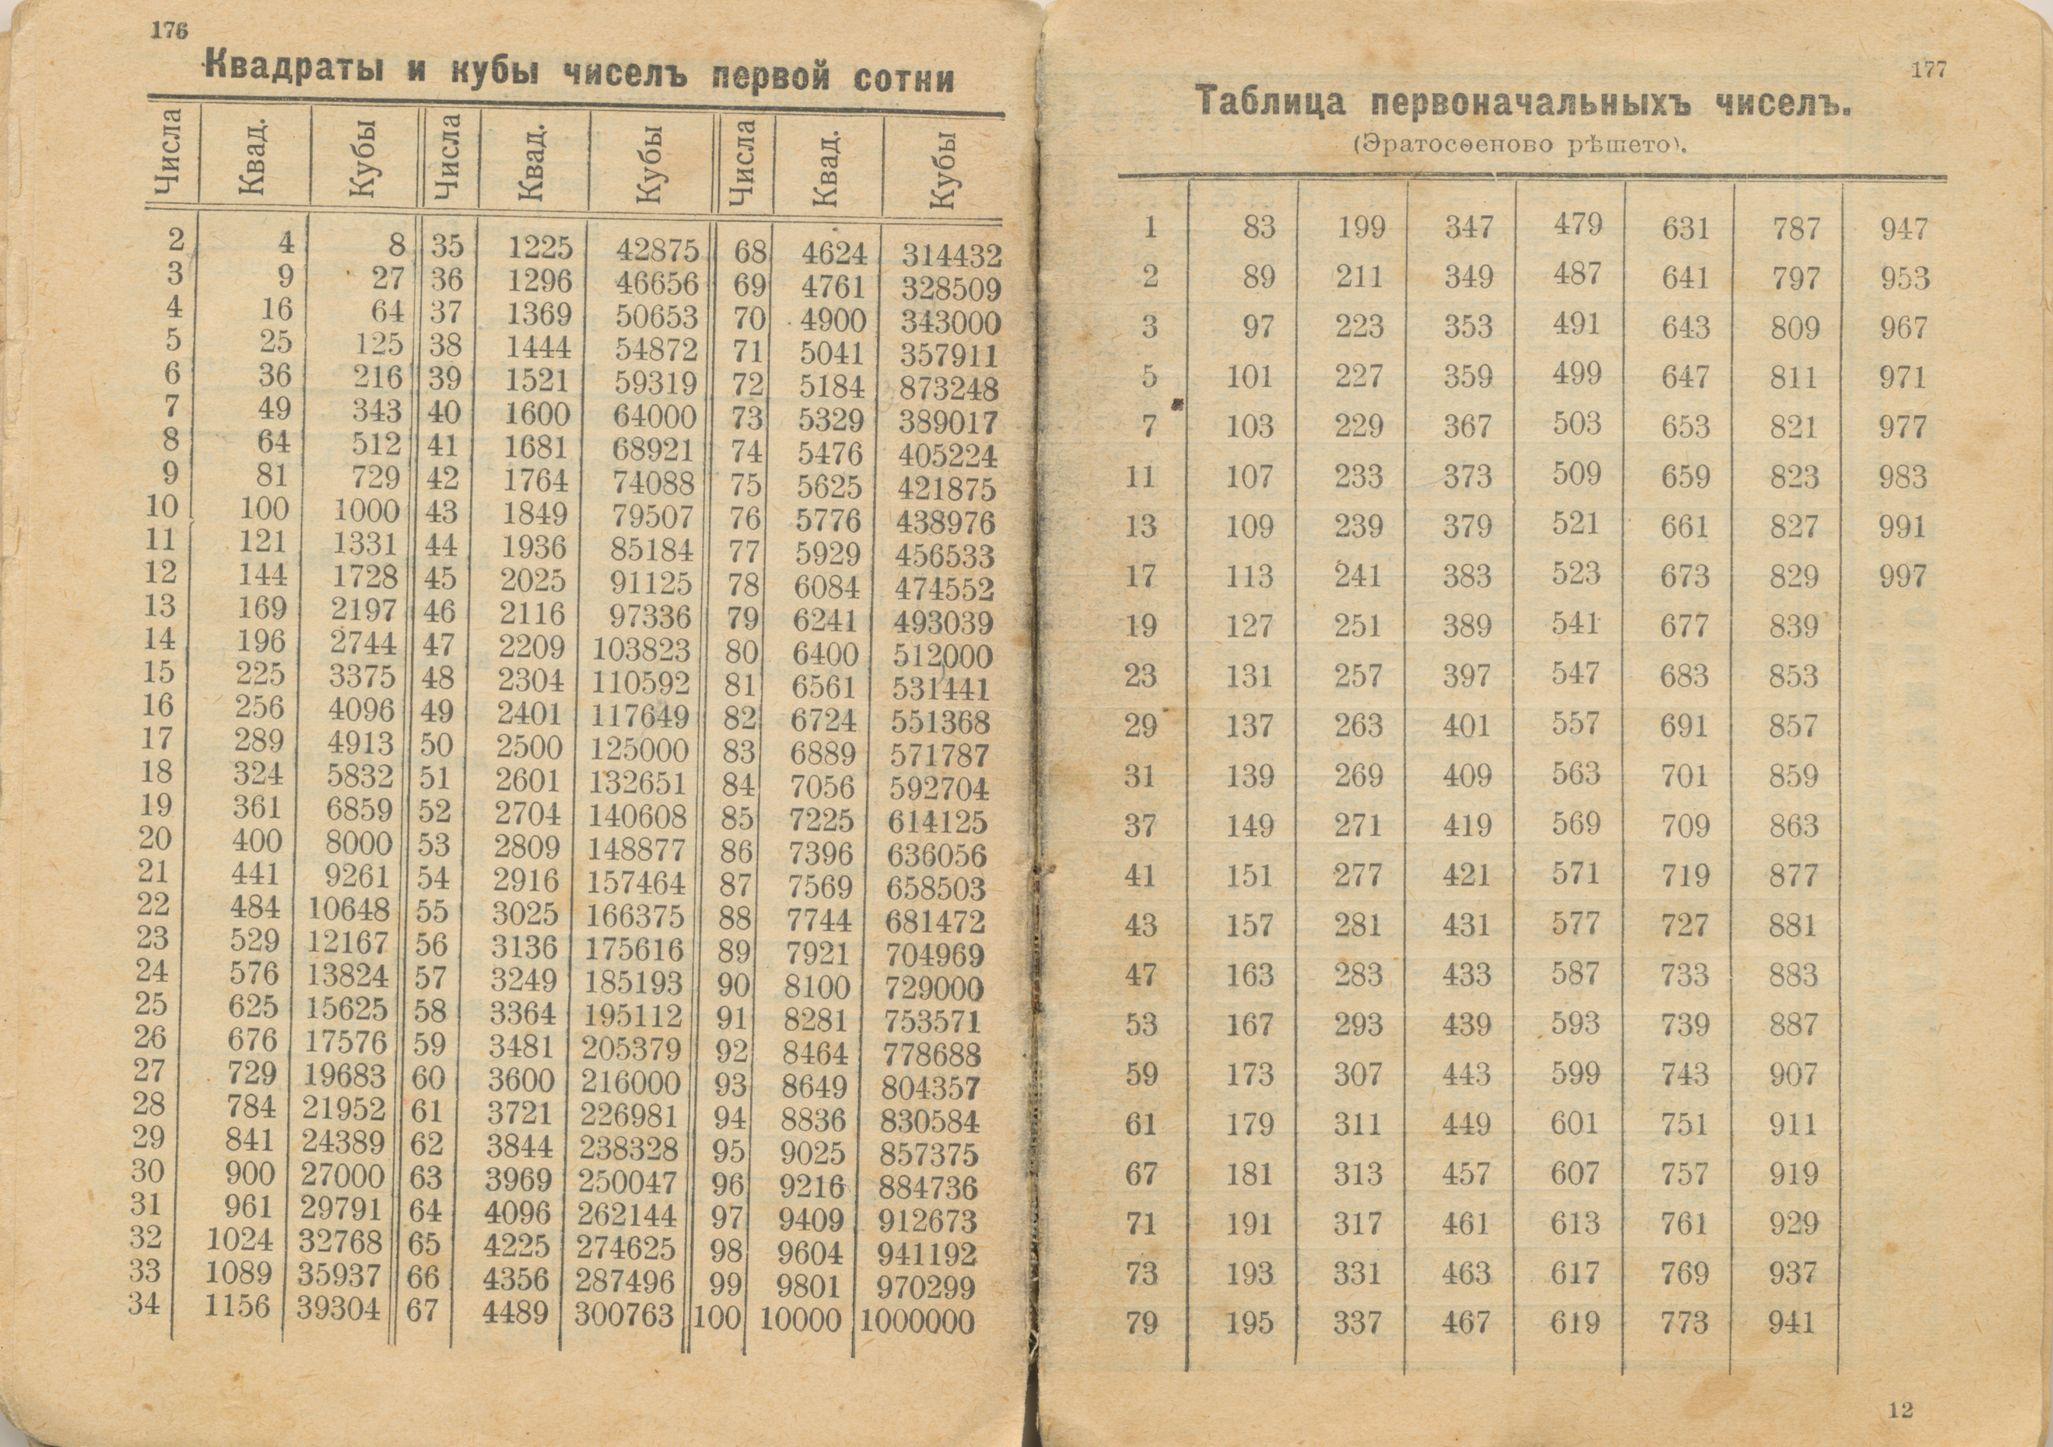 1 сентября 110 лет назад: тригонометрия, курс доллара и бенгальские огни - 5